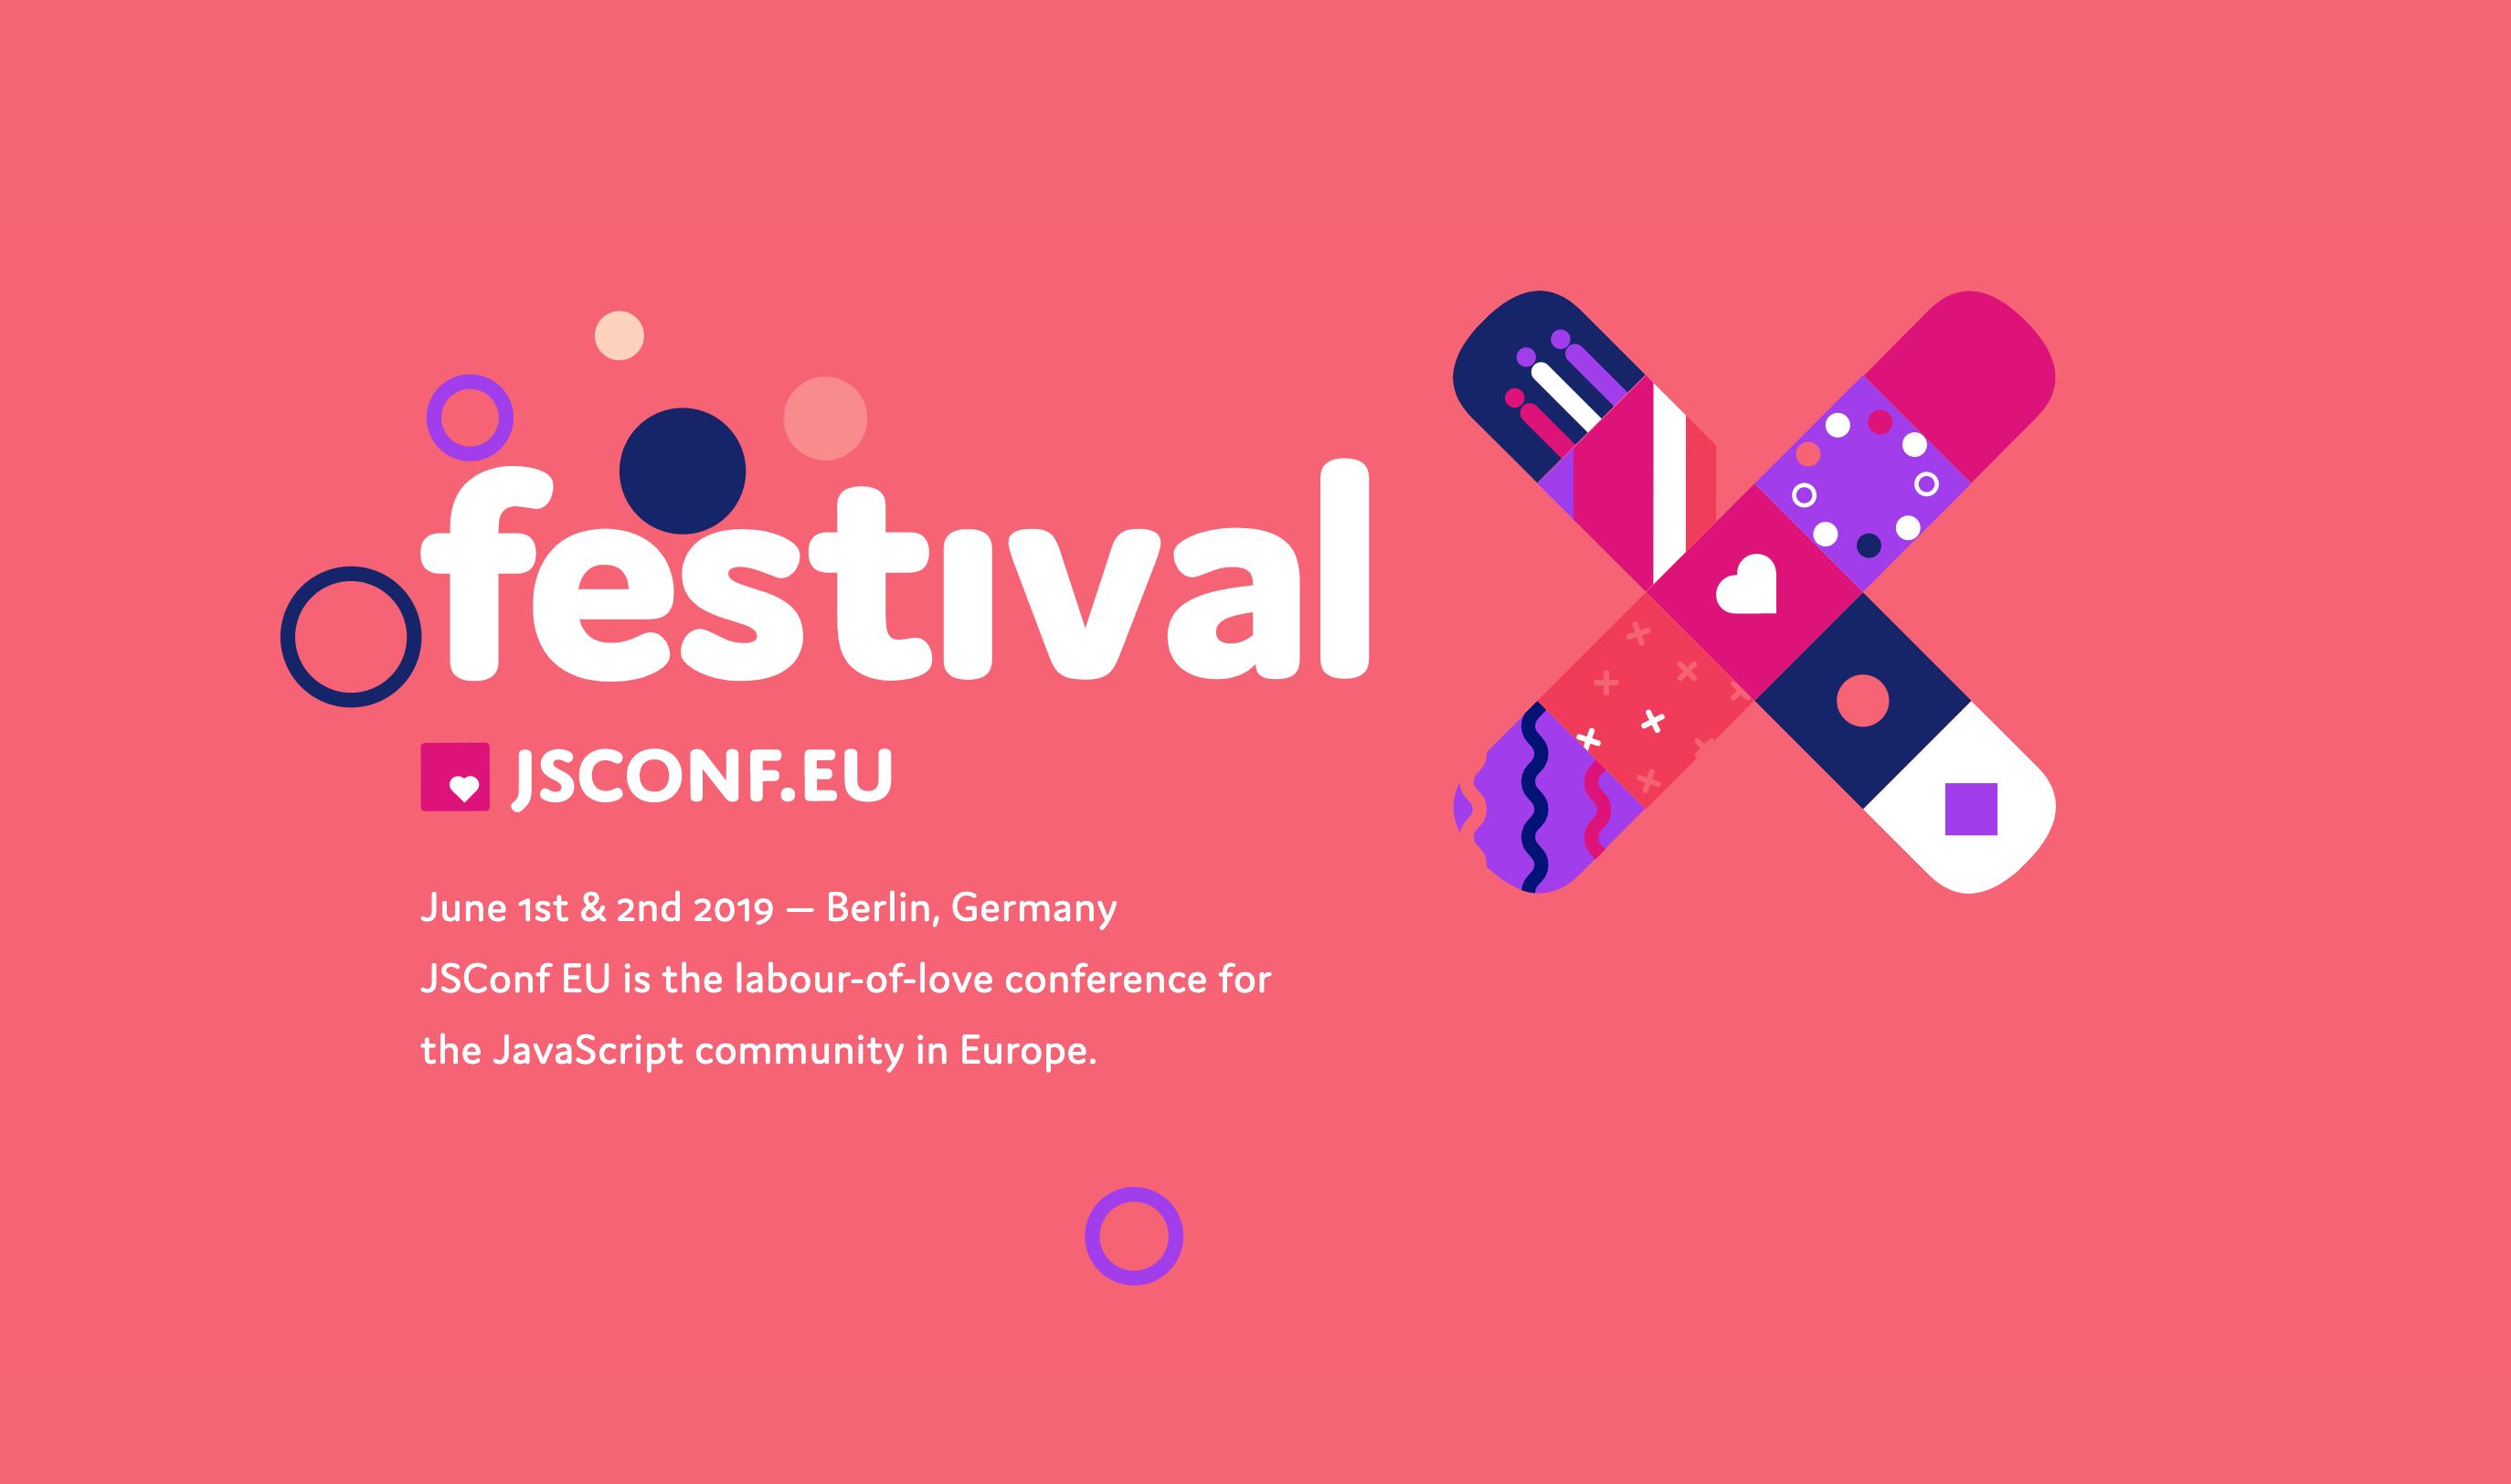 JS Conf EU 2019